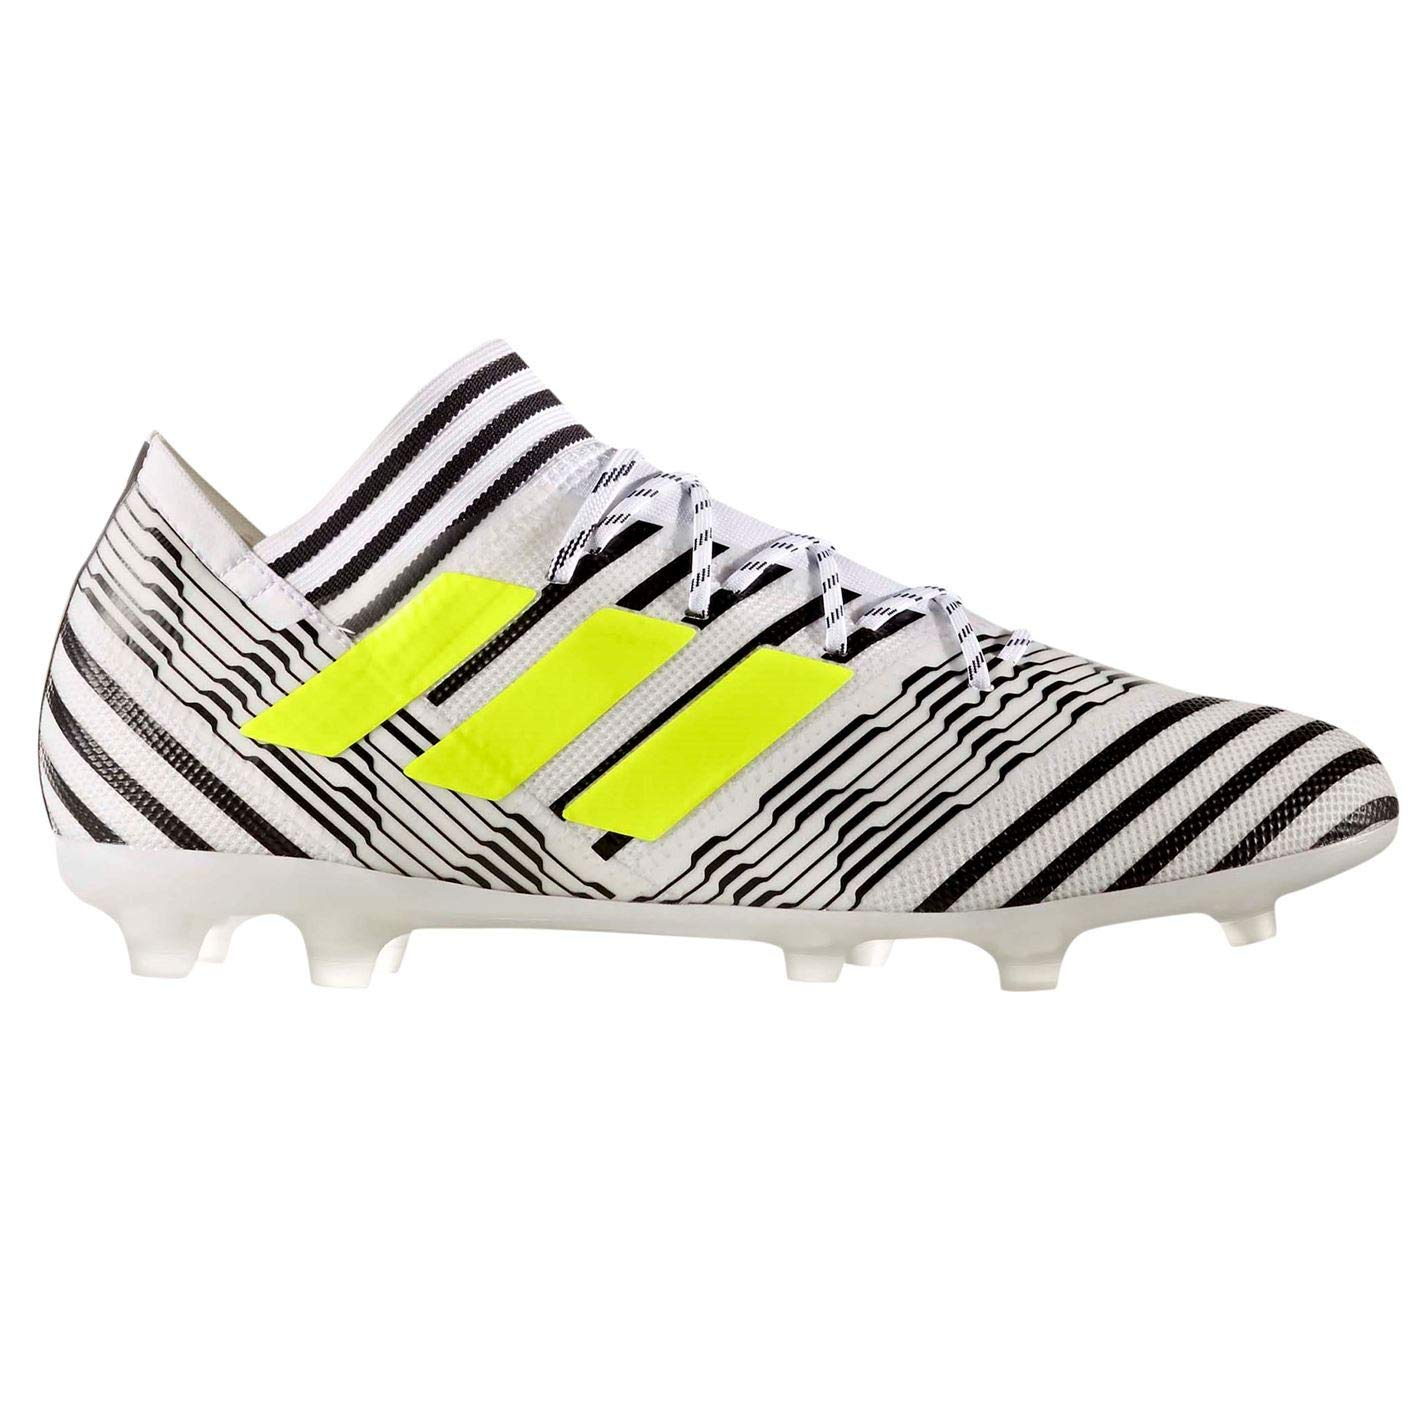 Adida Nemeziz 17.2 FG Fußballschuhe für Herren, Weiß Gelb